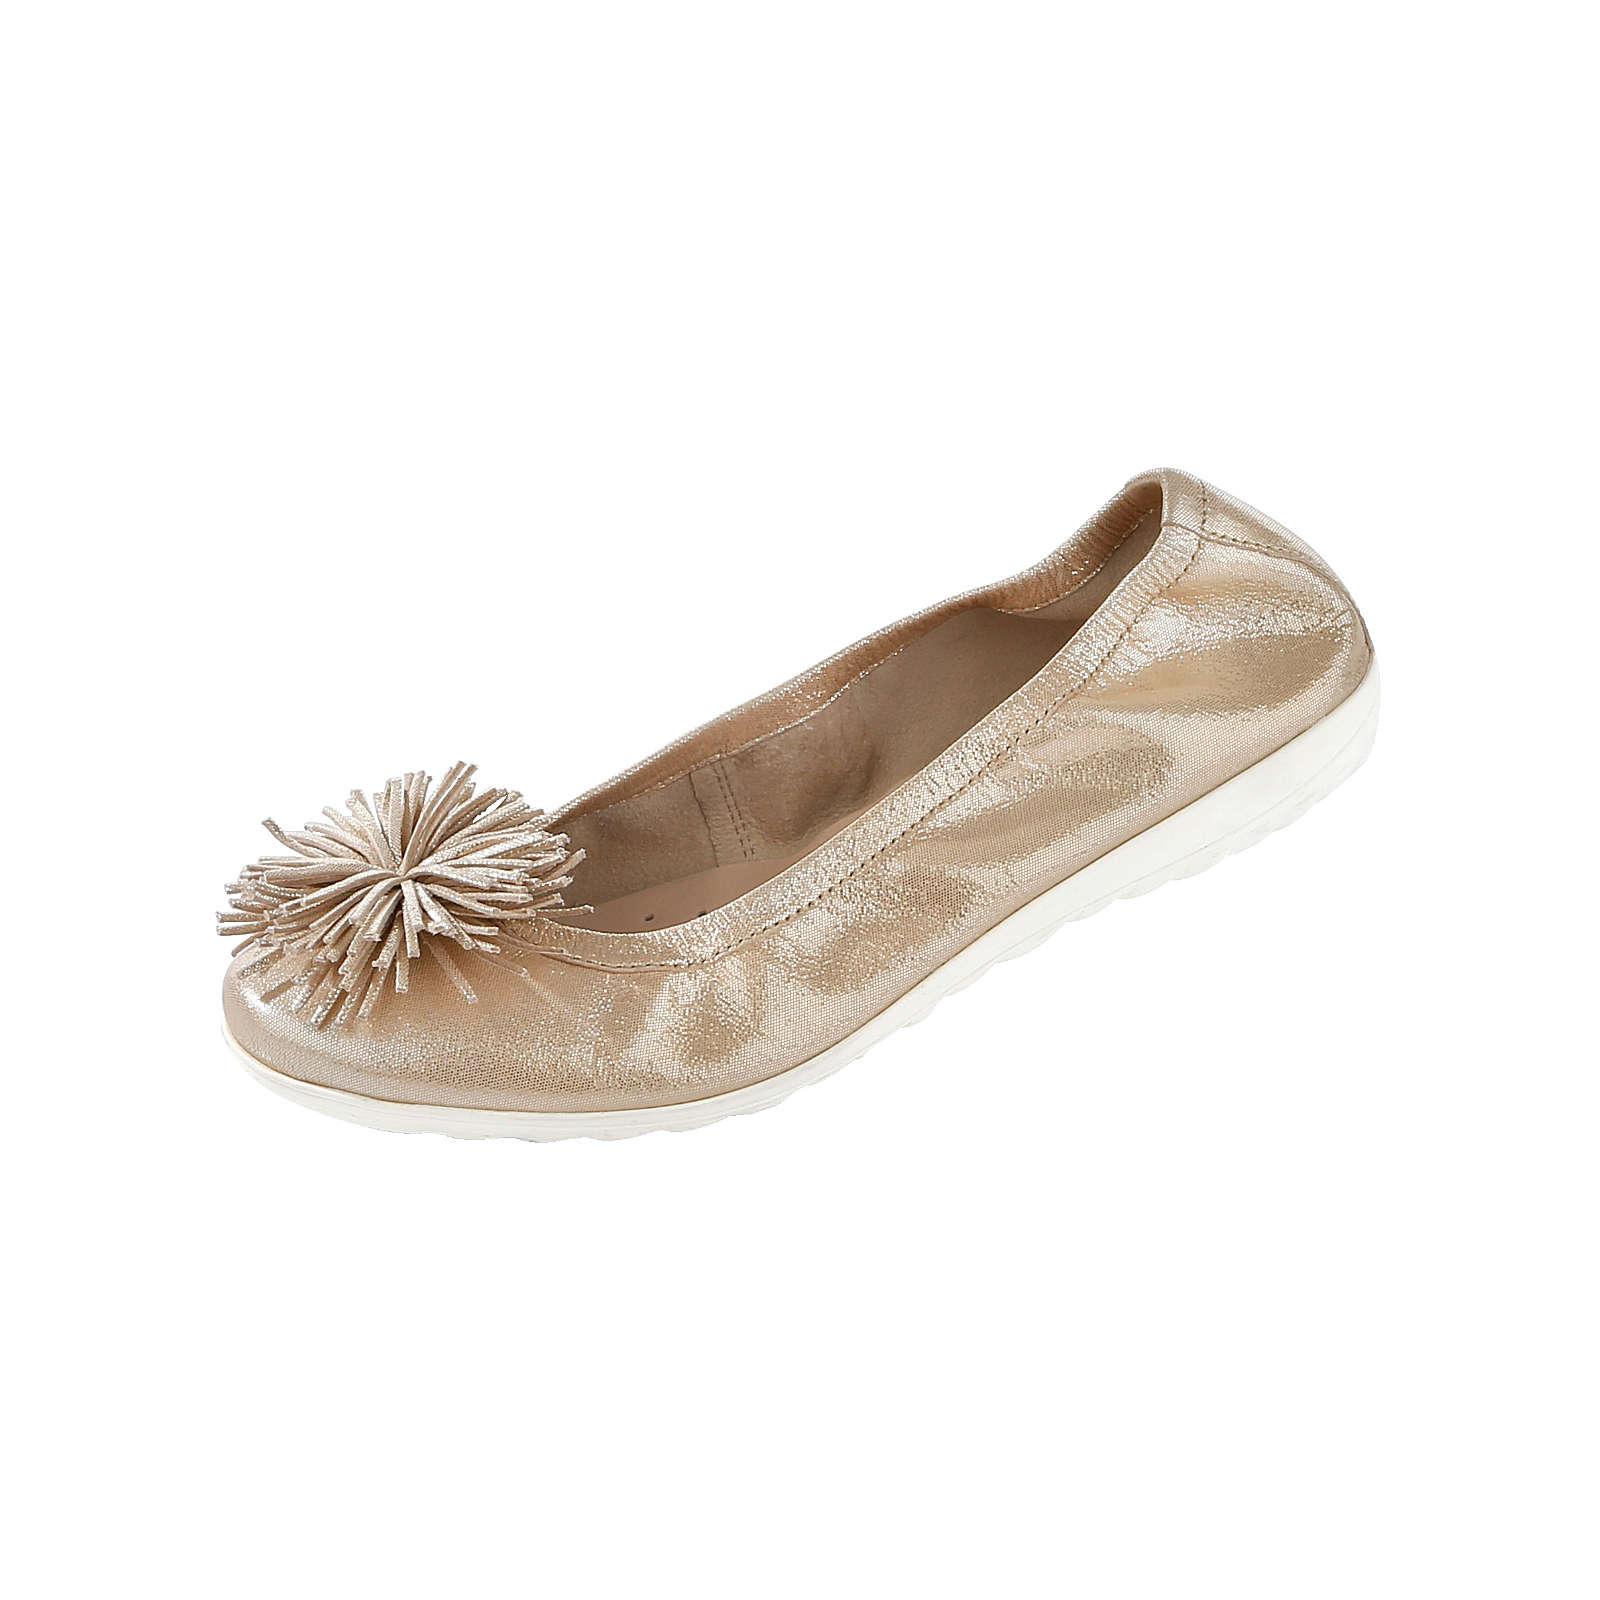 CAPRICE Klassische Ballerinas gold Damen Gr. 37